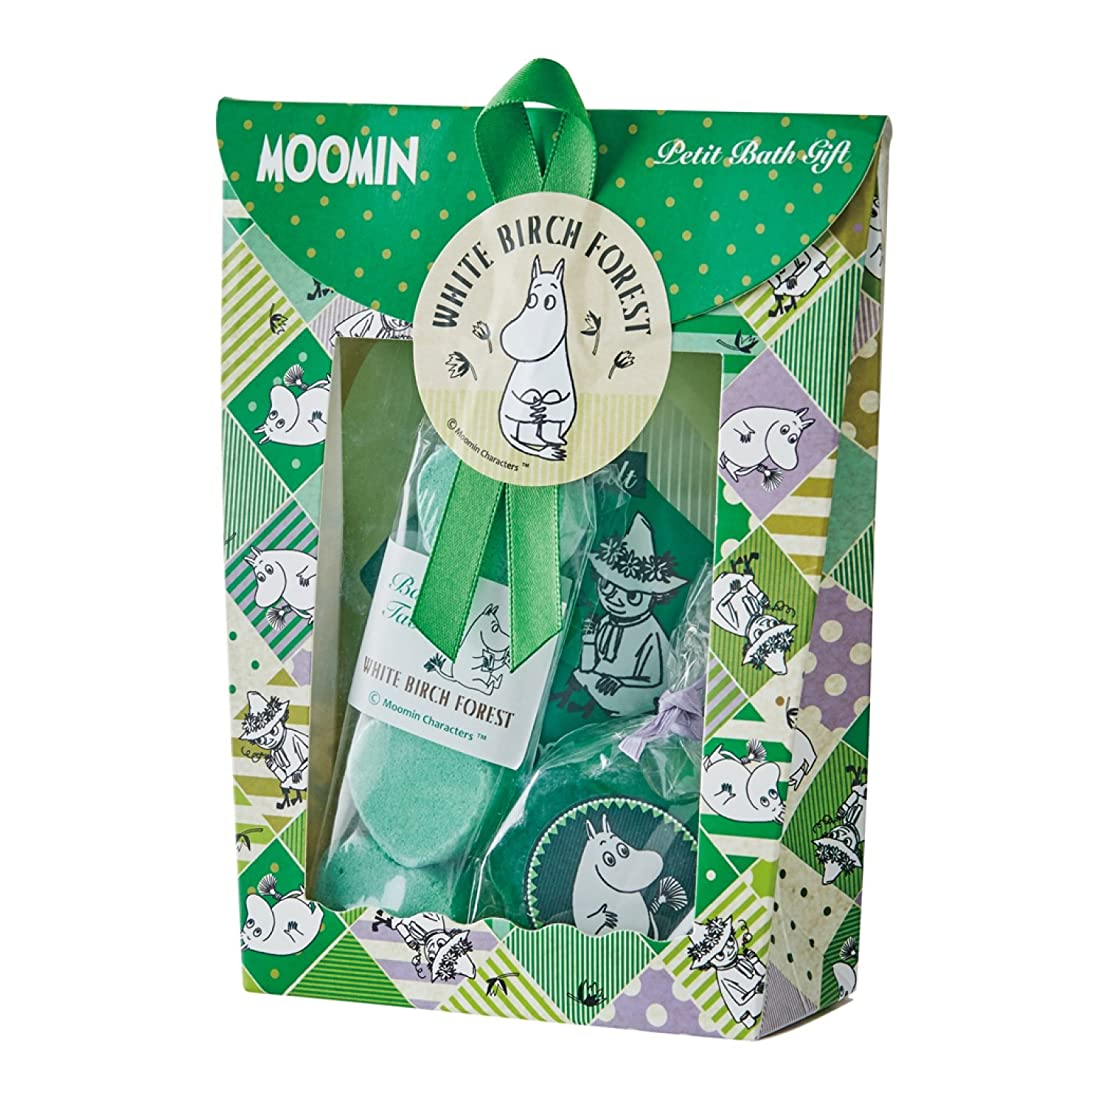 商品矩形スチュワーデスムーミン プチバスギフト しらかばの森 (MOOMIN グリーン調でウッディな香りのバスセット)